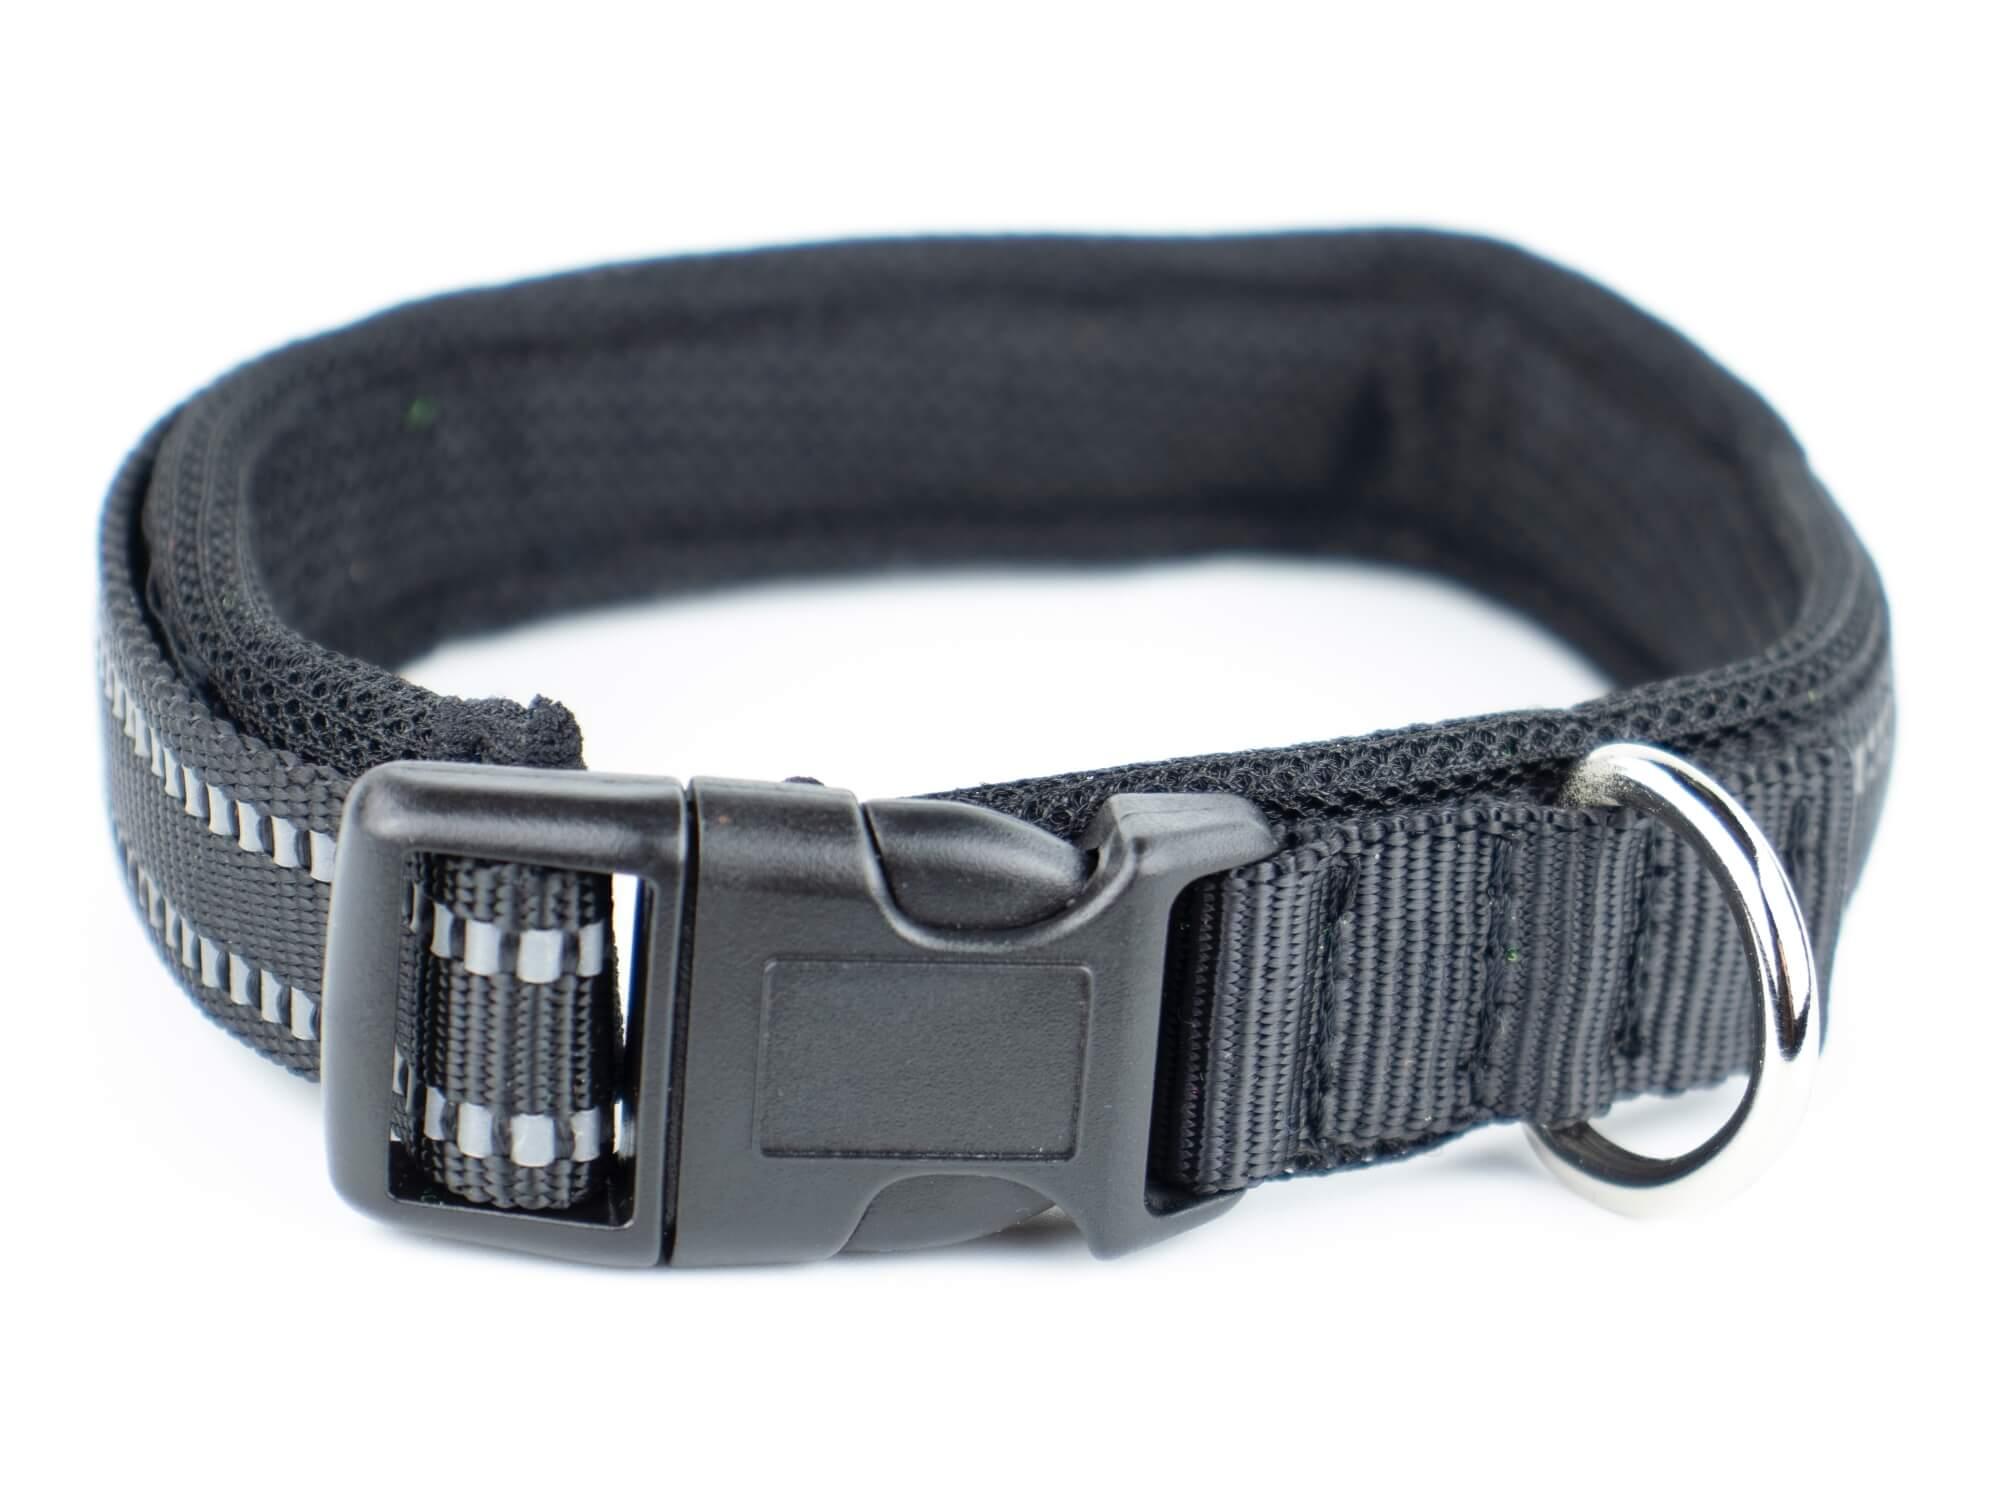 Vsepropejska Lining obojek s podšívkou a vodítko | 34 - 52 cm Barva: Černá, Typ: Obojek, Velikost: Obvod krku 34 - 39 cm